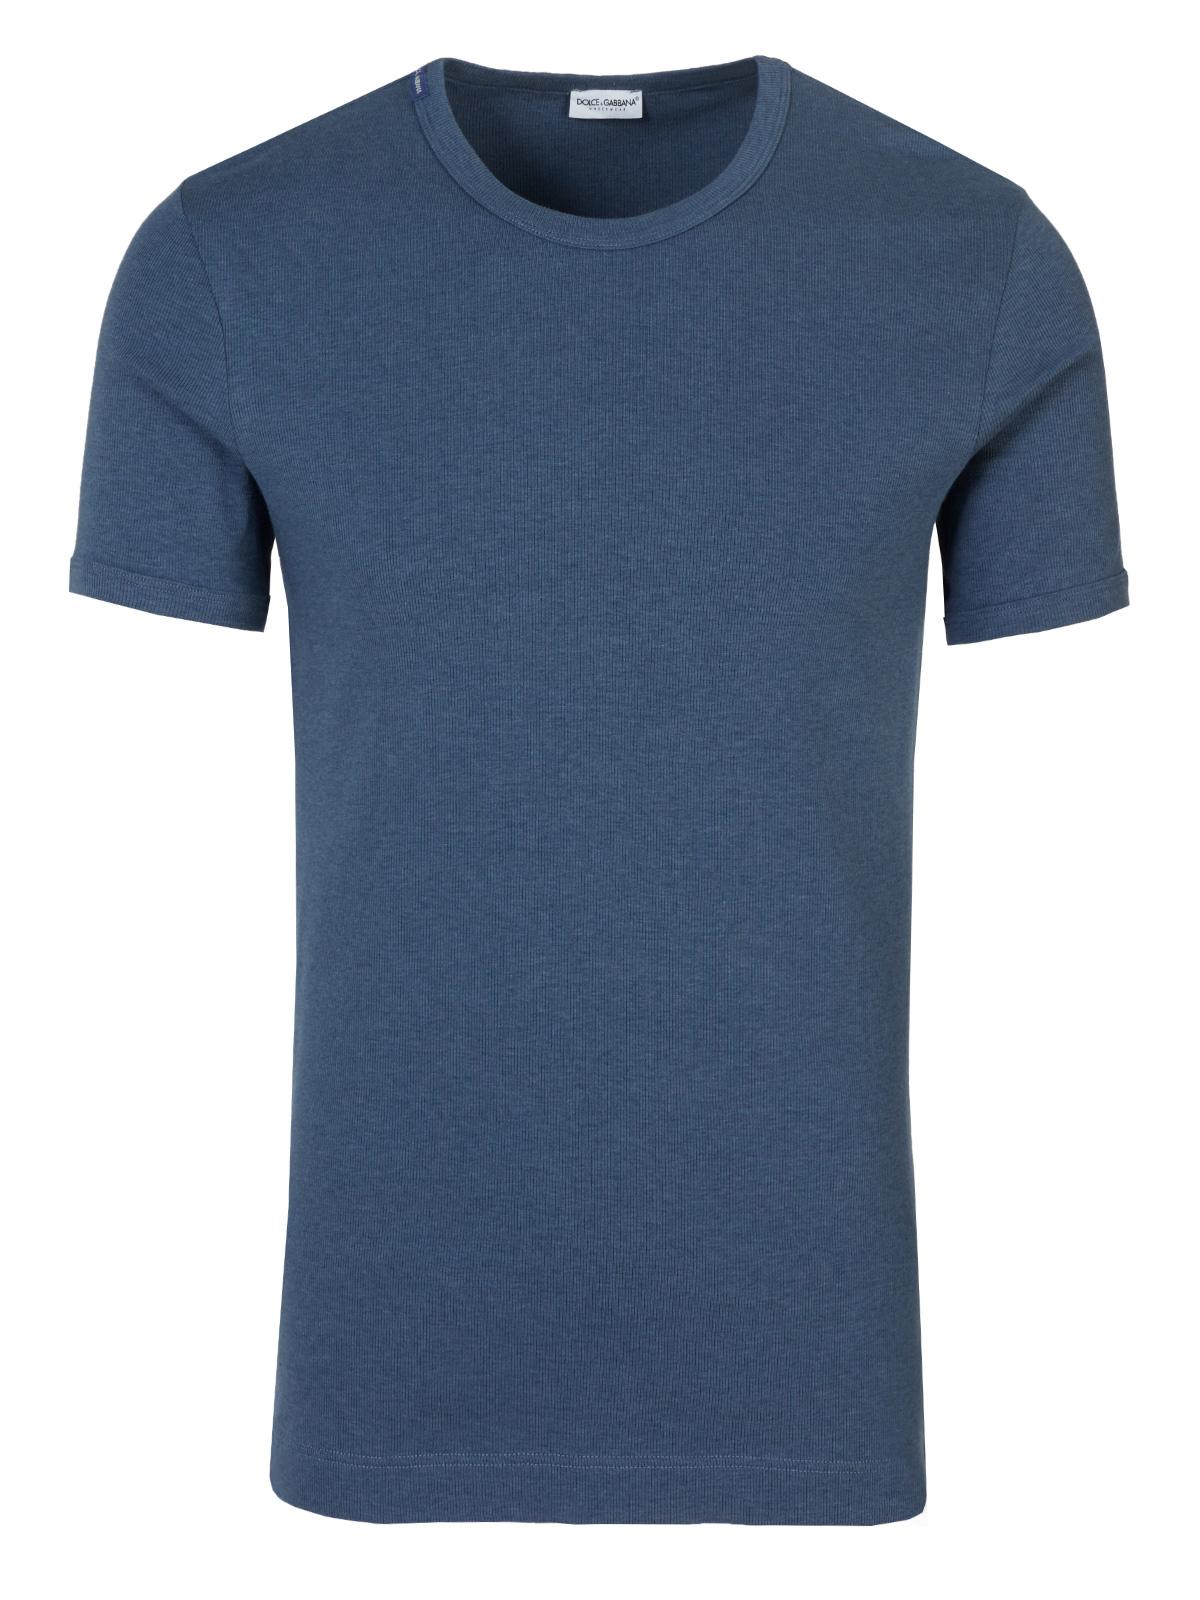 70e81e4f42cd1 Dolce   Gabbana T-Shirt (underwear)